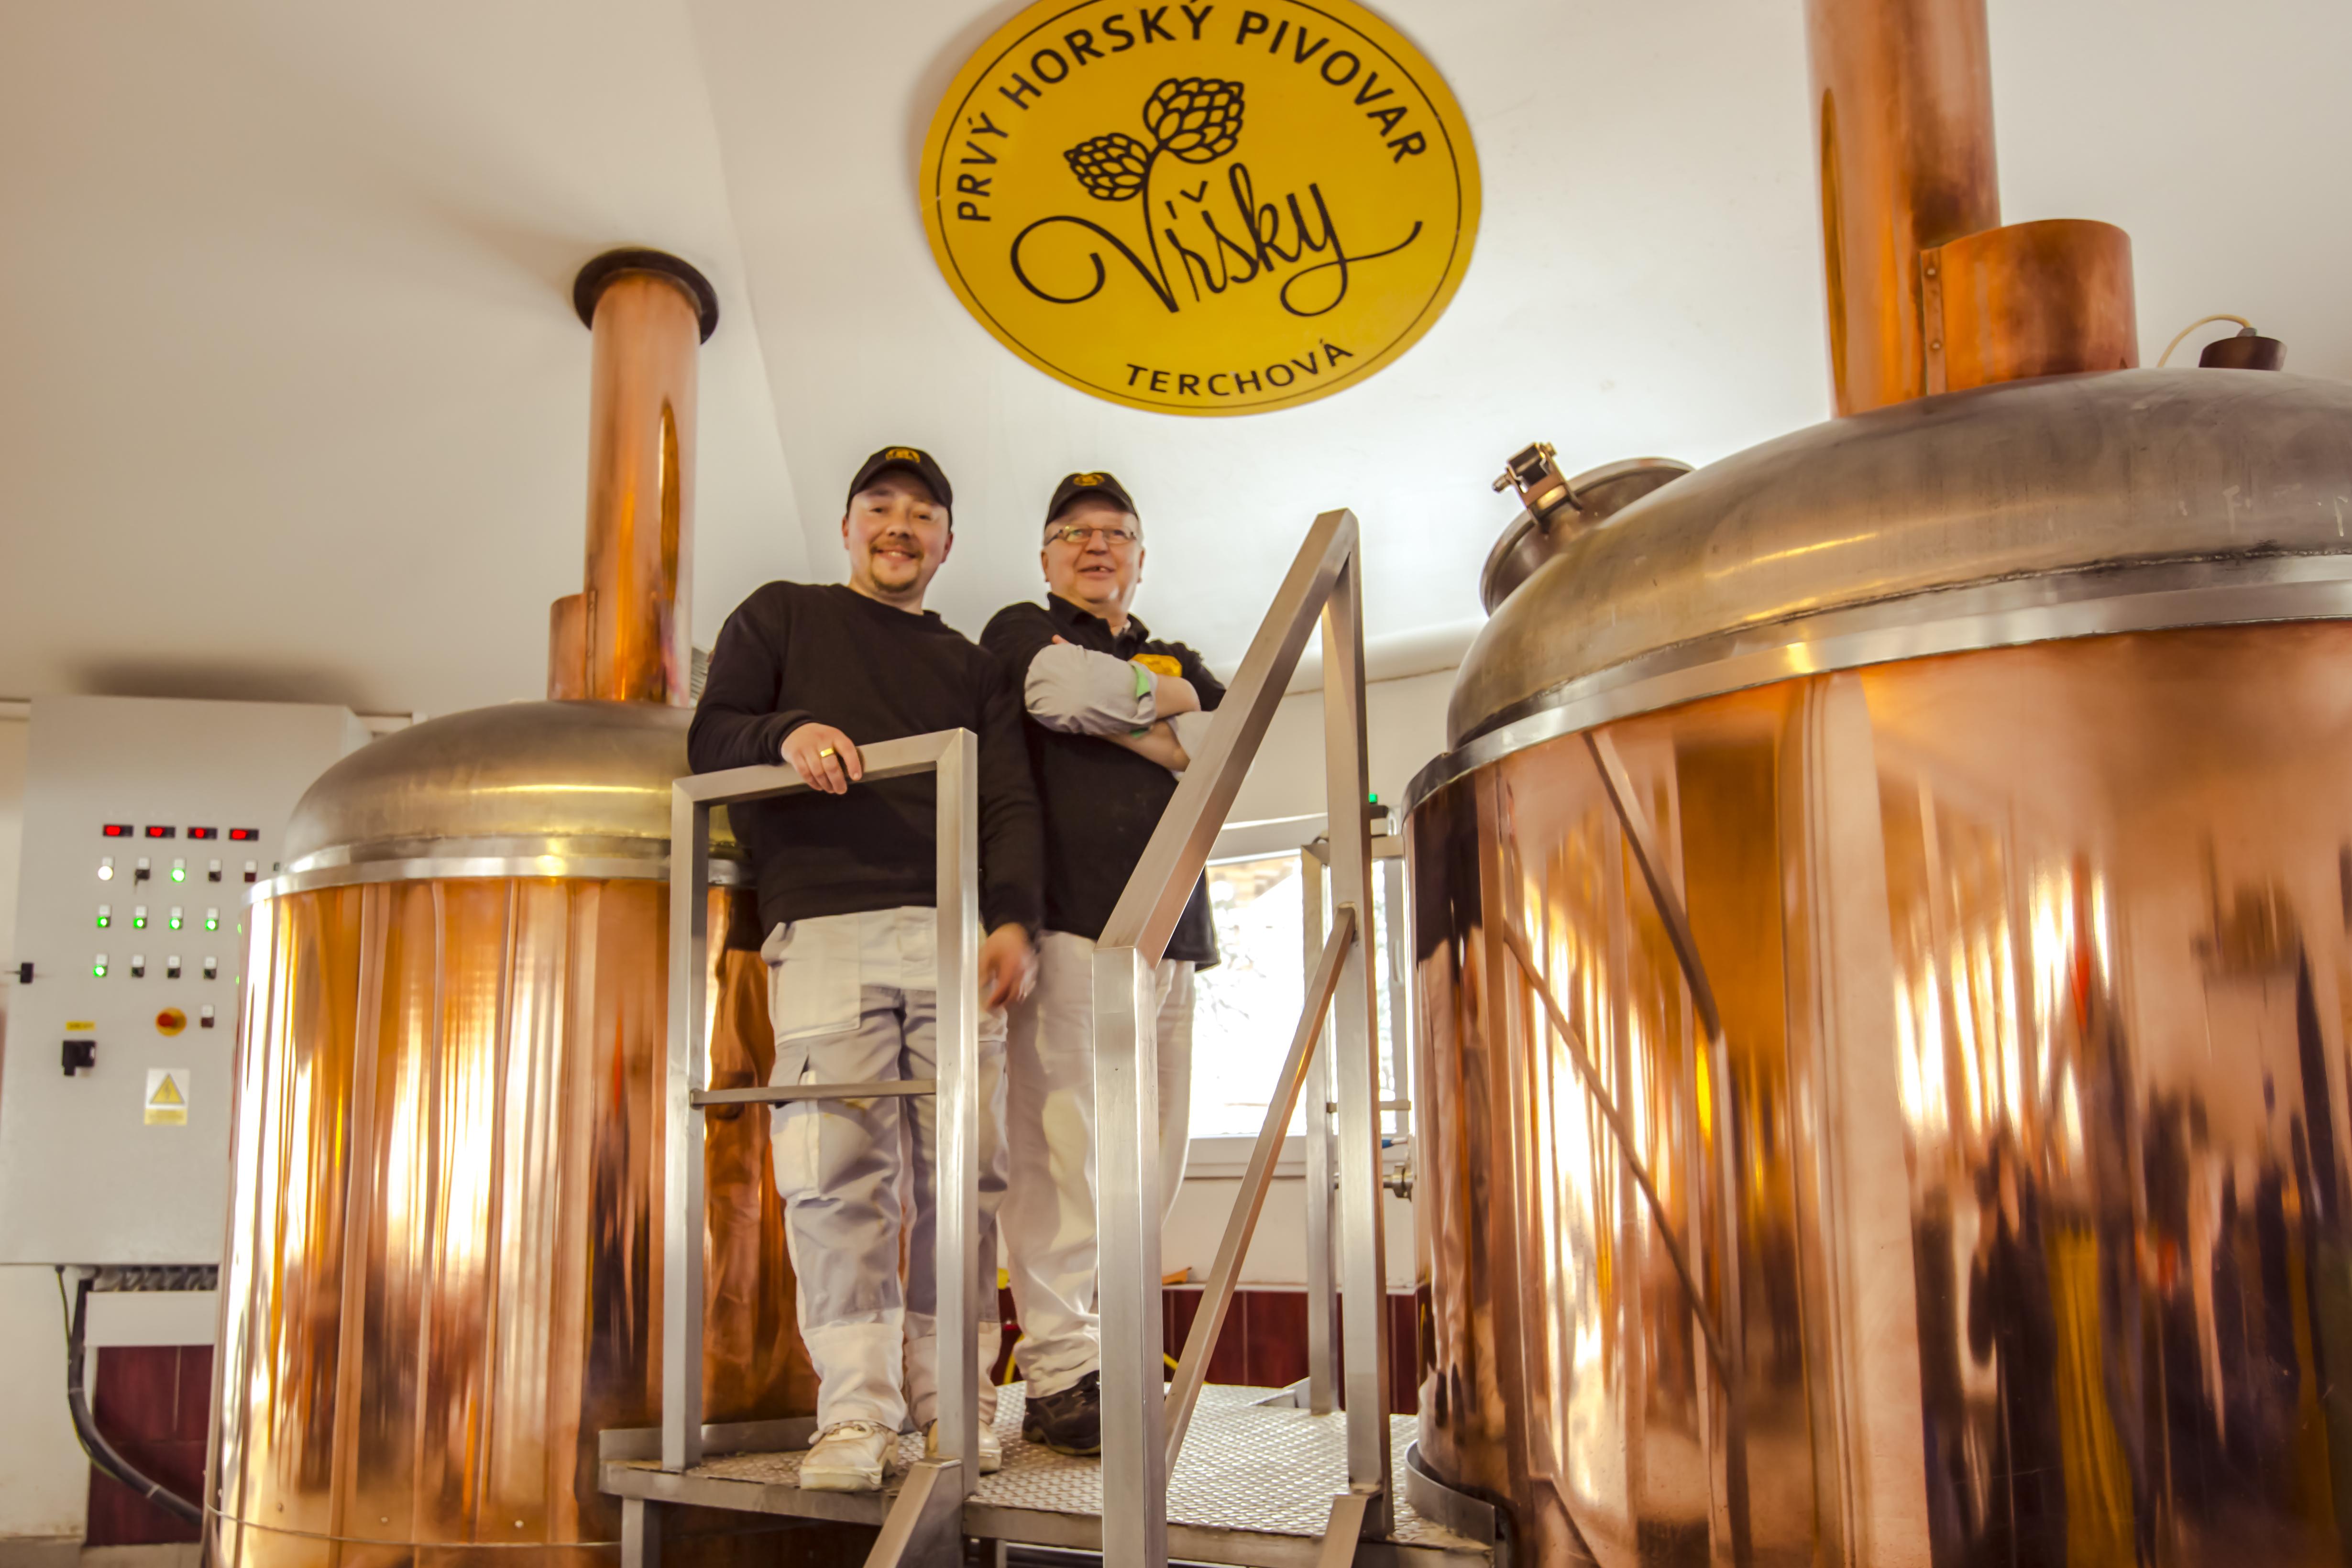 Predstavujeme prvý horský pivovar Vŕšky v Terchovej